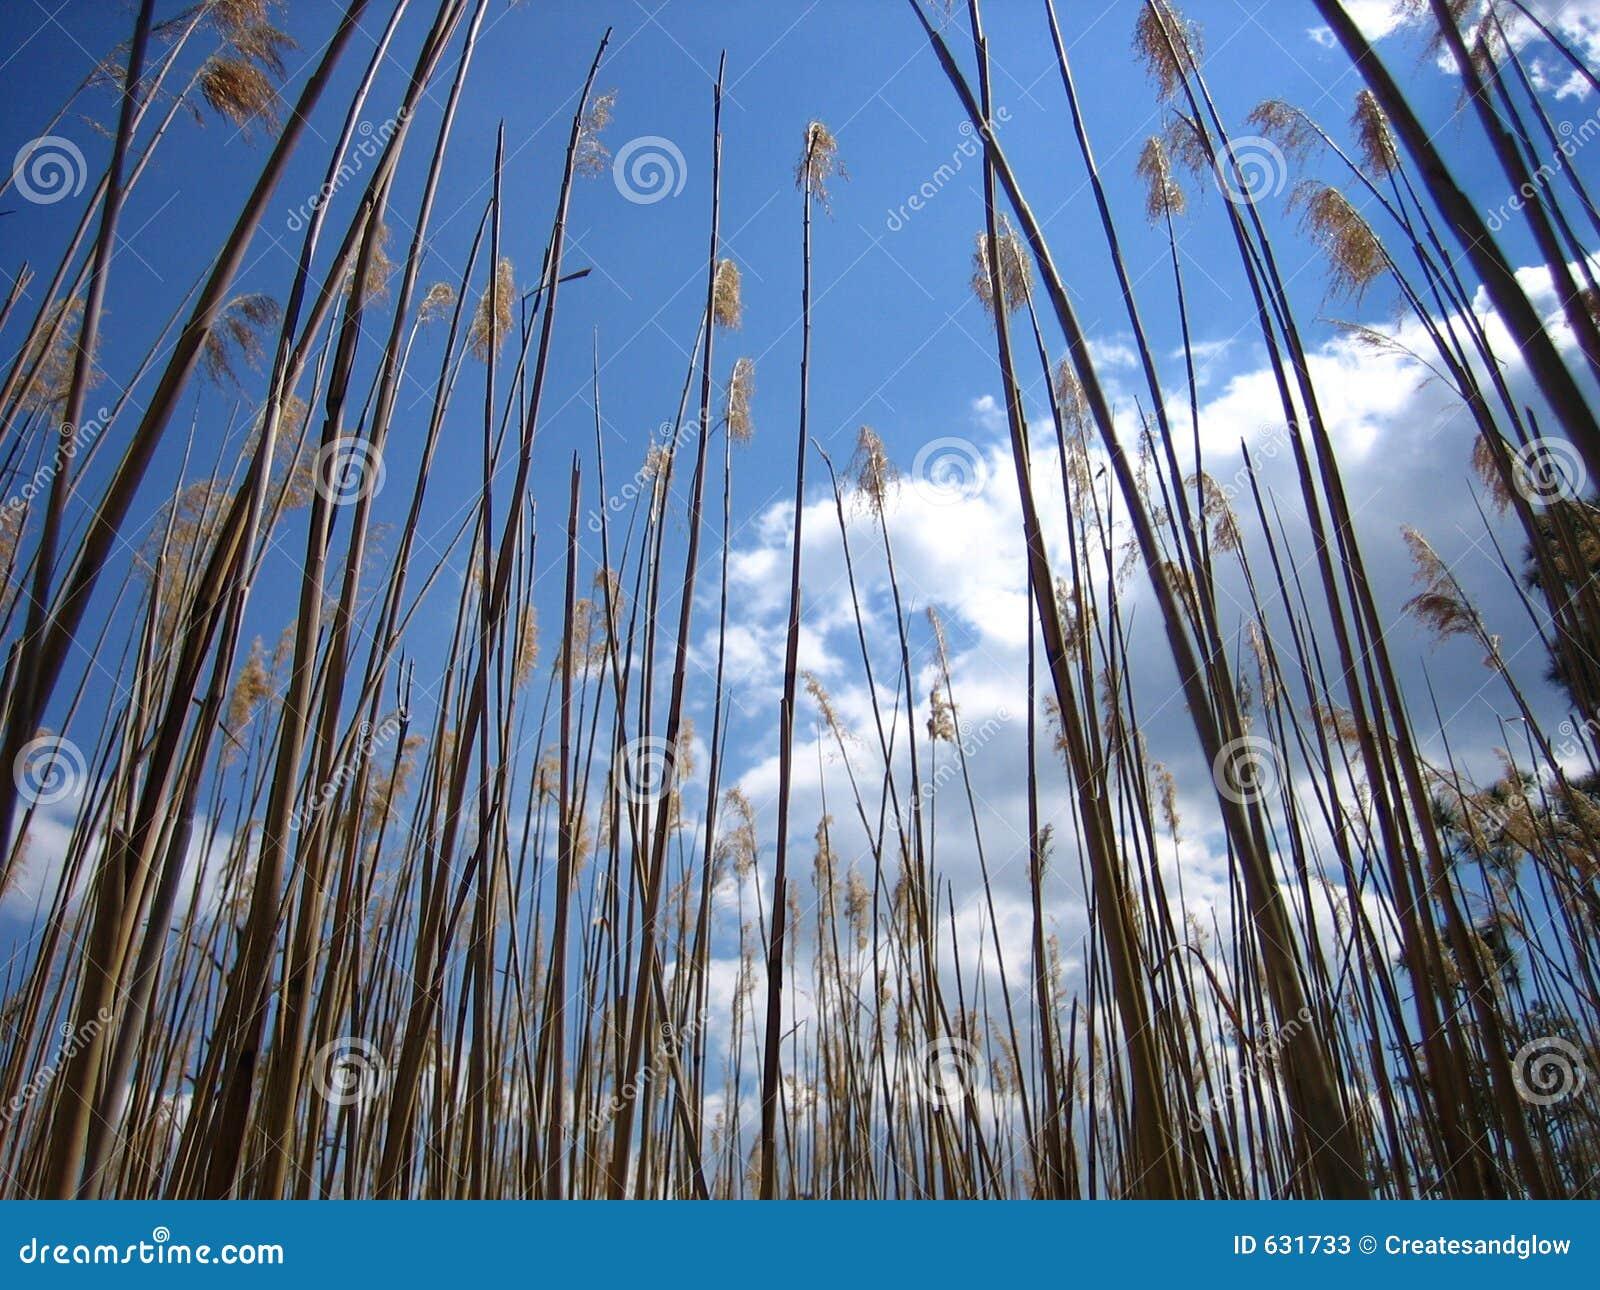 Download Reeds заболоченное место стоковое изображение. изображение насчитывающей природа - 631733